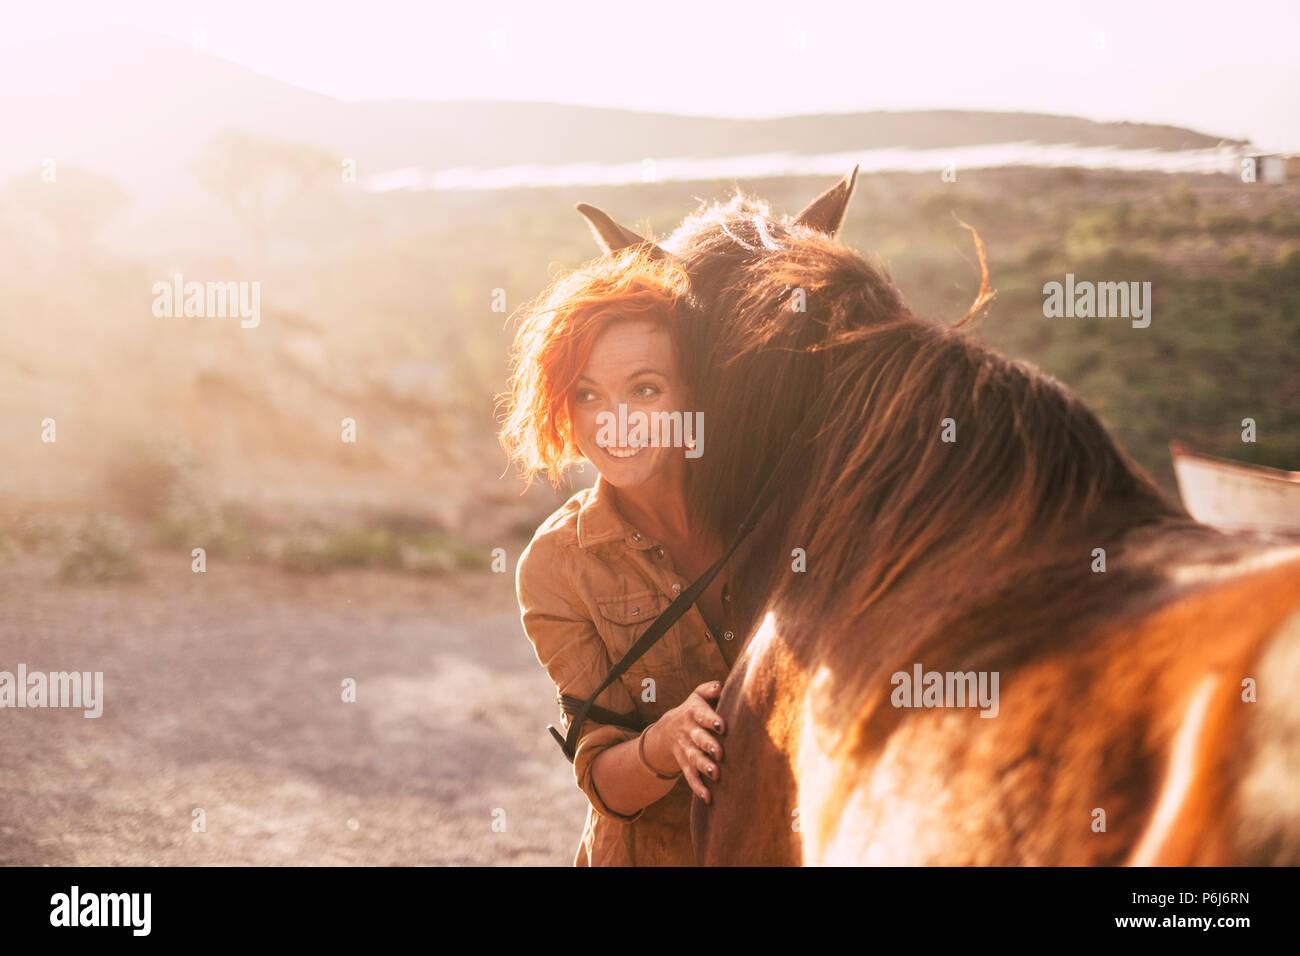 Rote Haare schöne alternative Dame Hug Ihre besten Freunde Tier Pferd in den Sonnenuntergang auf dem Land. Hintergrundbeleuchtung im Hintergrund und Liebe Konzept, Stockbild